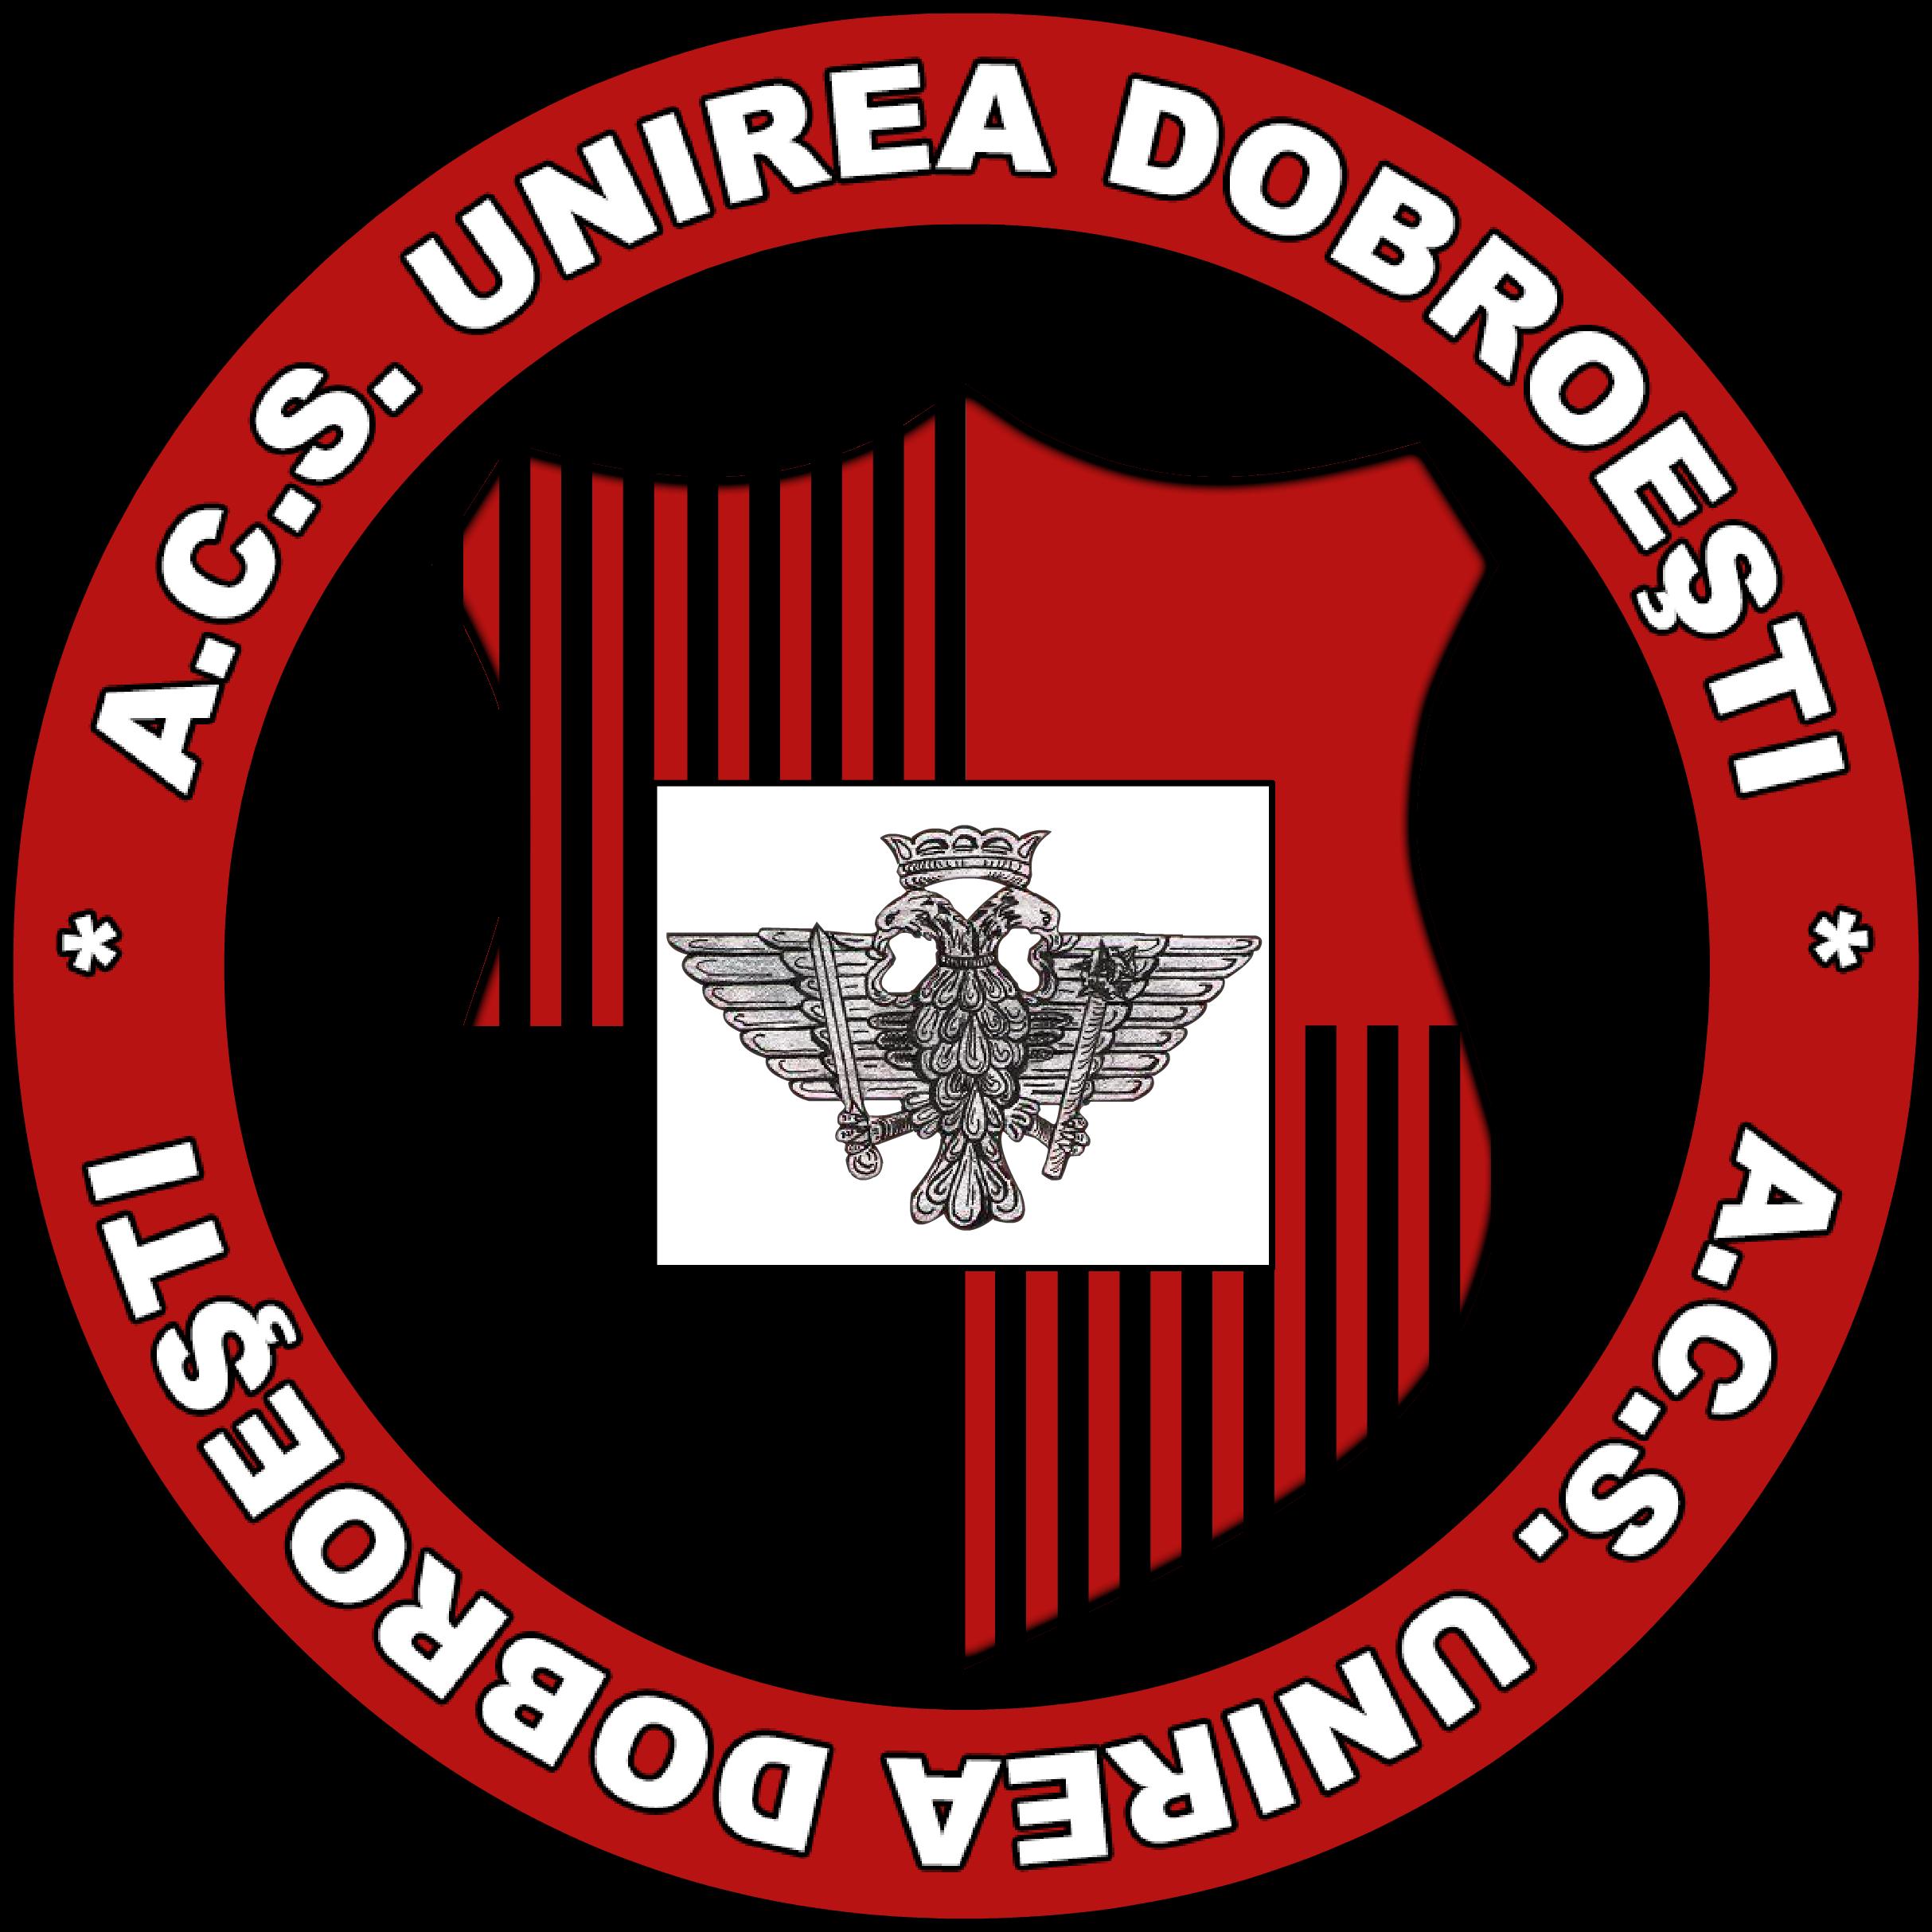 ACS Unirea Dobroesti.